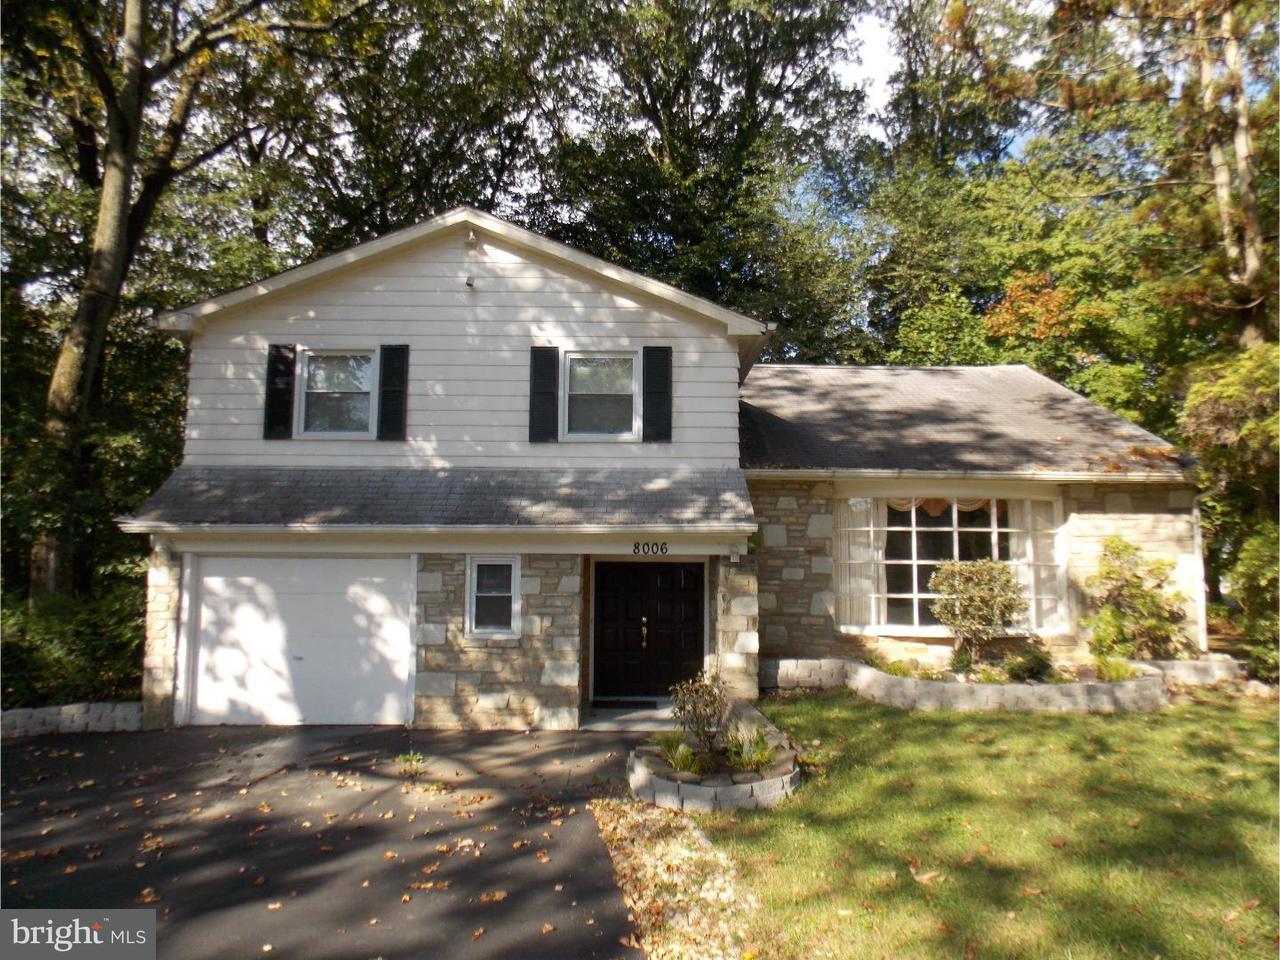 Частный односемейный дом для того Продажа на 8006 ELLEN Lane Cheltenham, Пенсильвания 19012 Соединенные Штаты